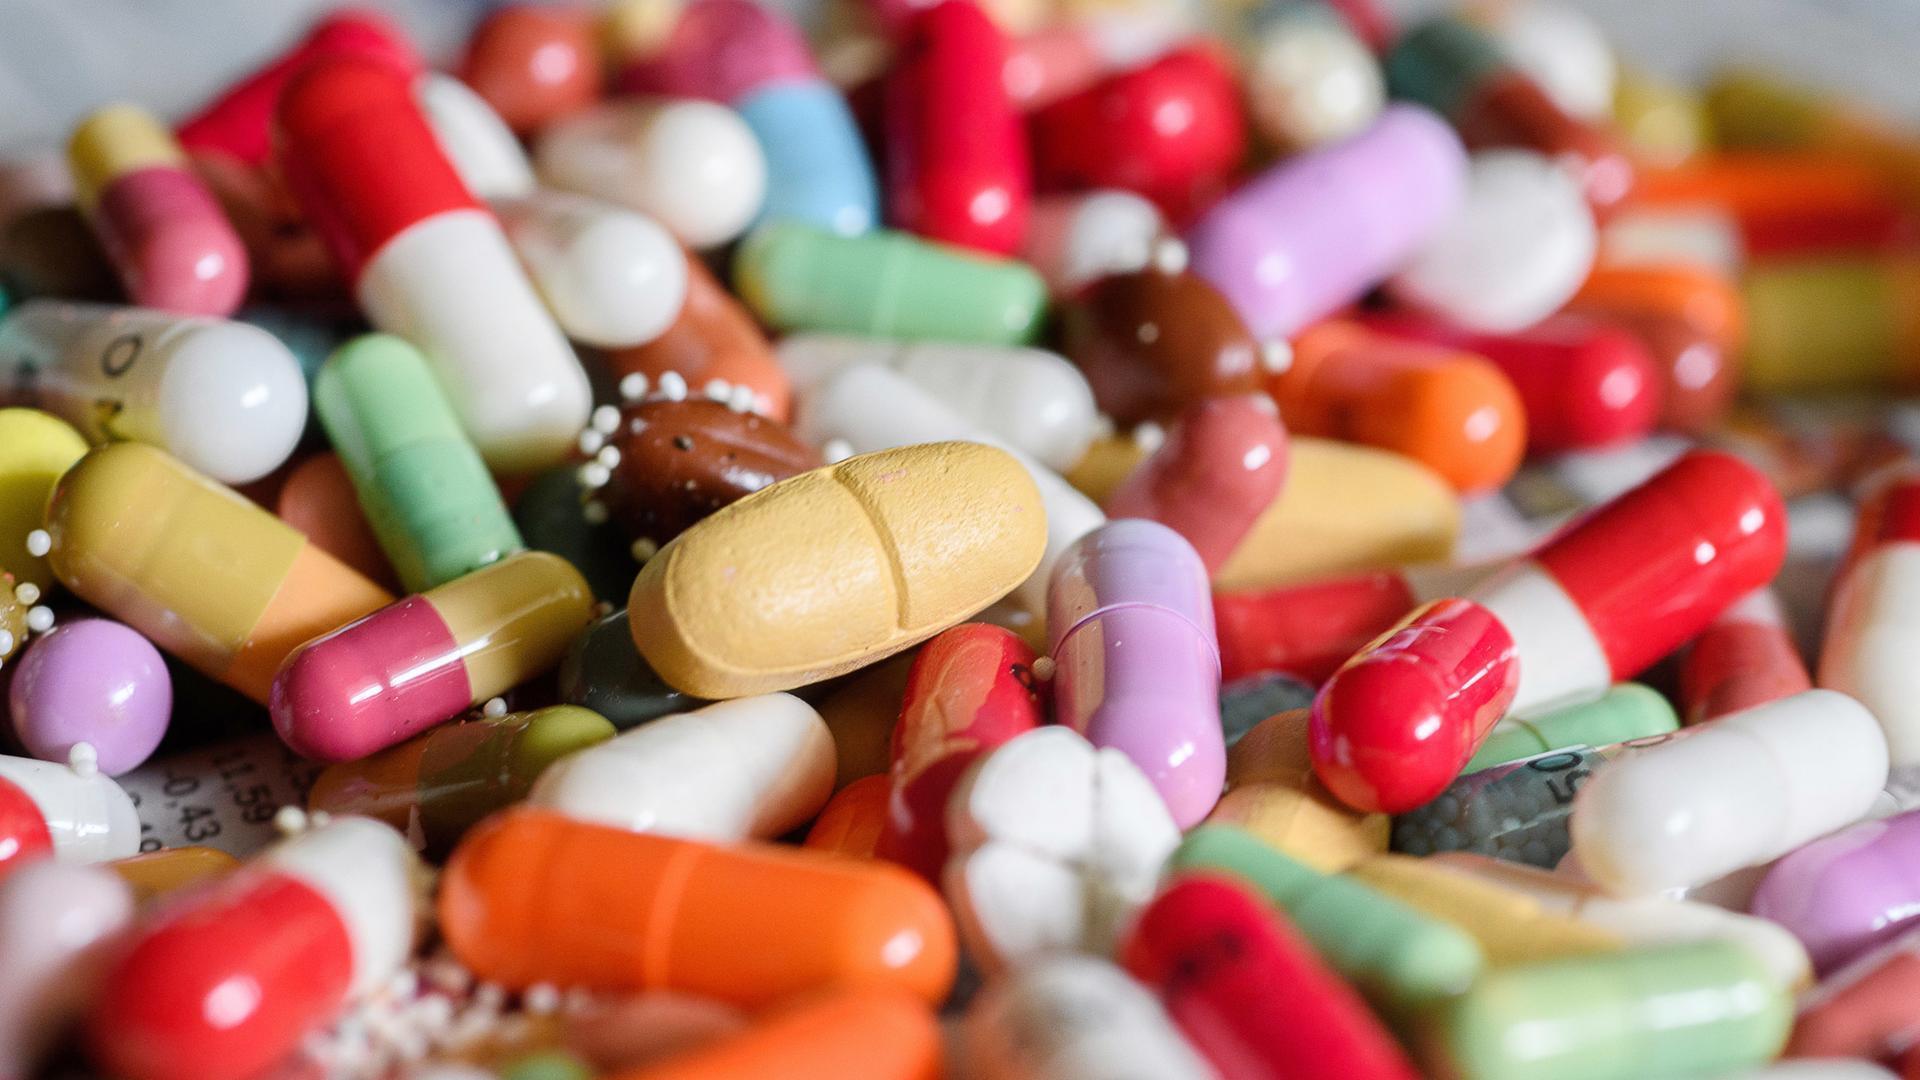 Распространённый препарат для лечения болезней желудка повышает риск развития рака